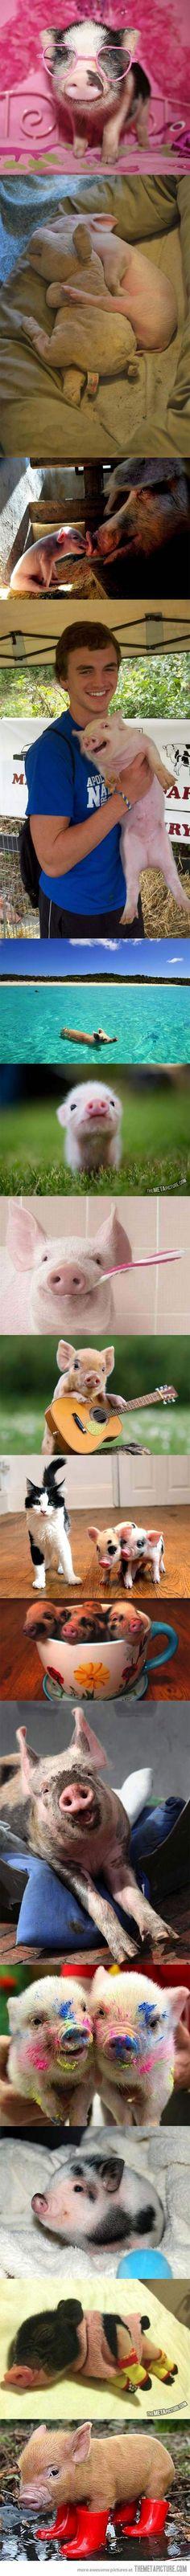 Piggies being piggies…soo stinkin cute!!